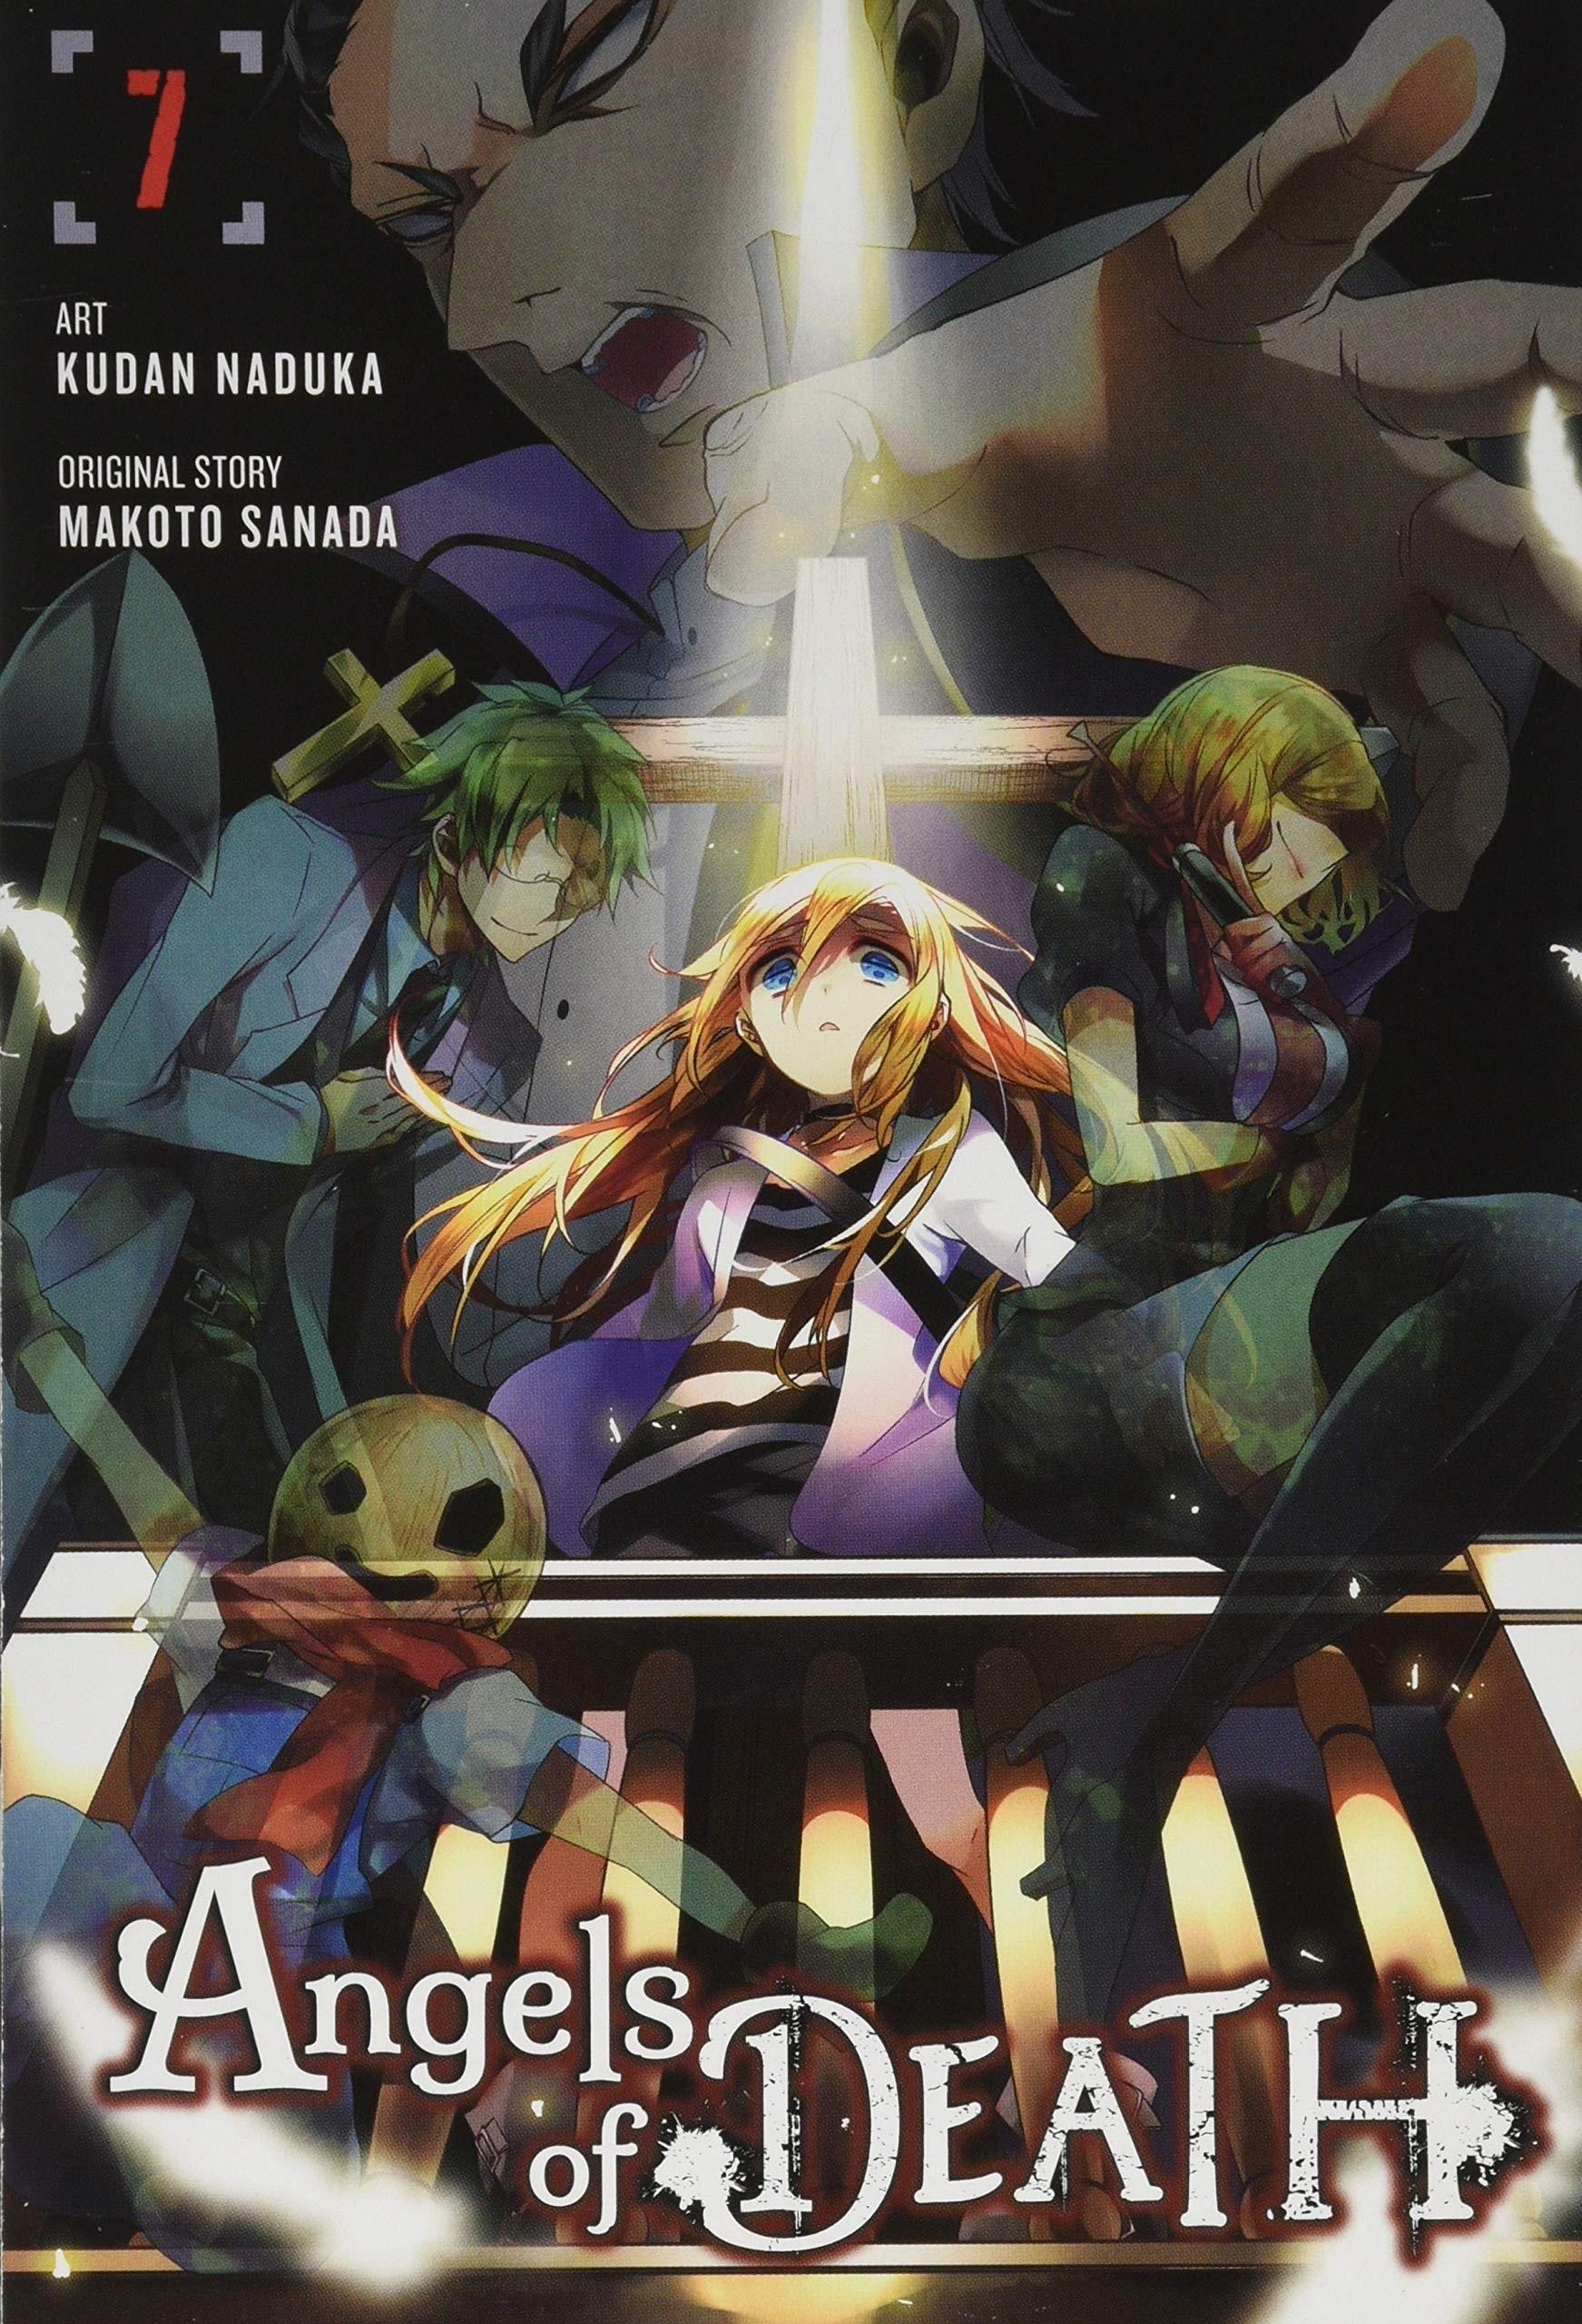 Angels of Death, Vol. 07